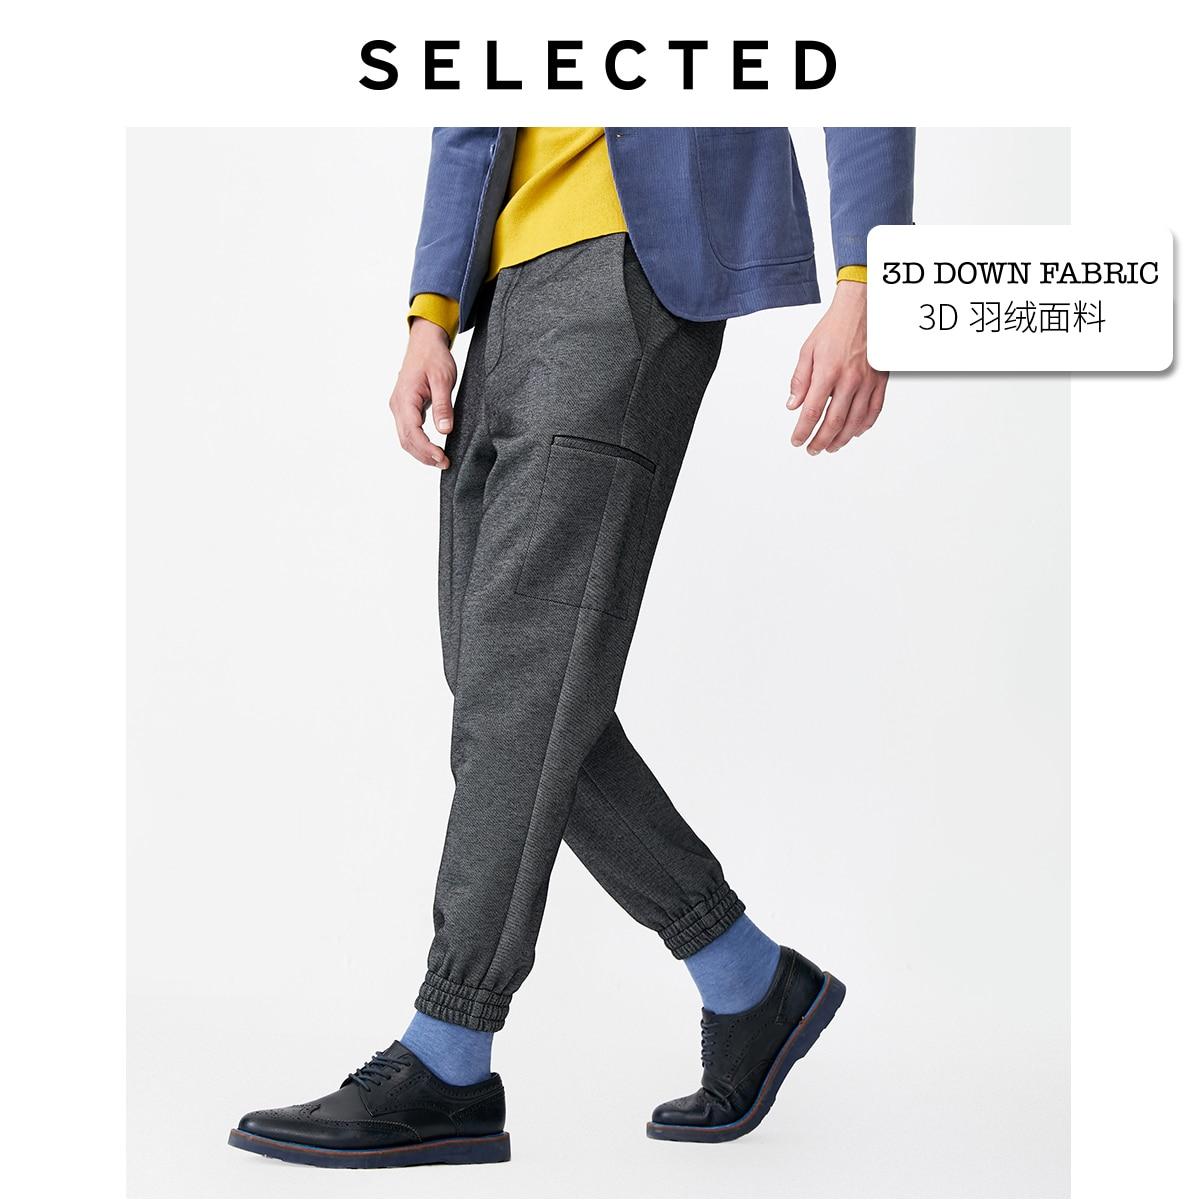 SELECTED 3D Down Fabric Leggings Pants Men's 3D Casual Cargo Pants S|419414533